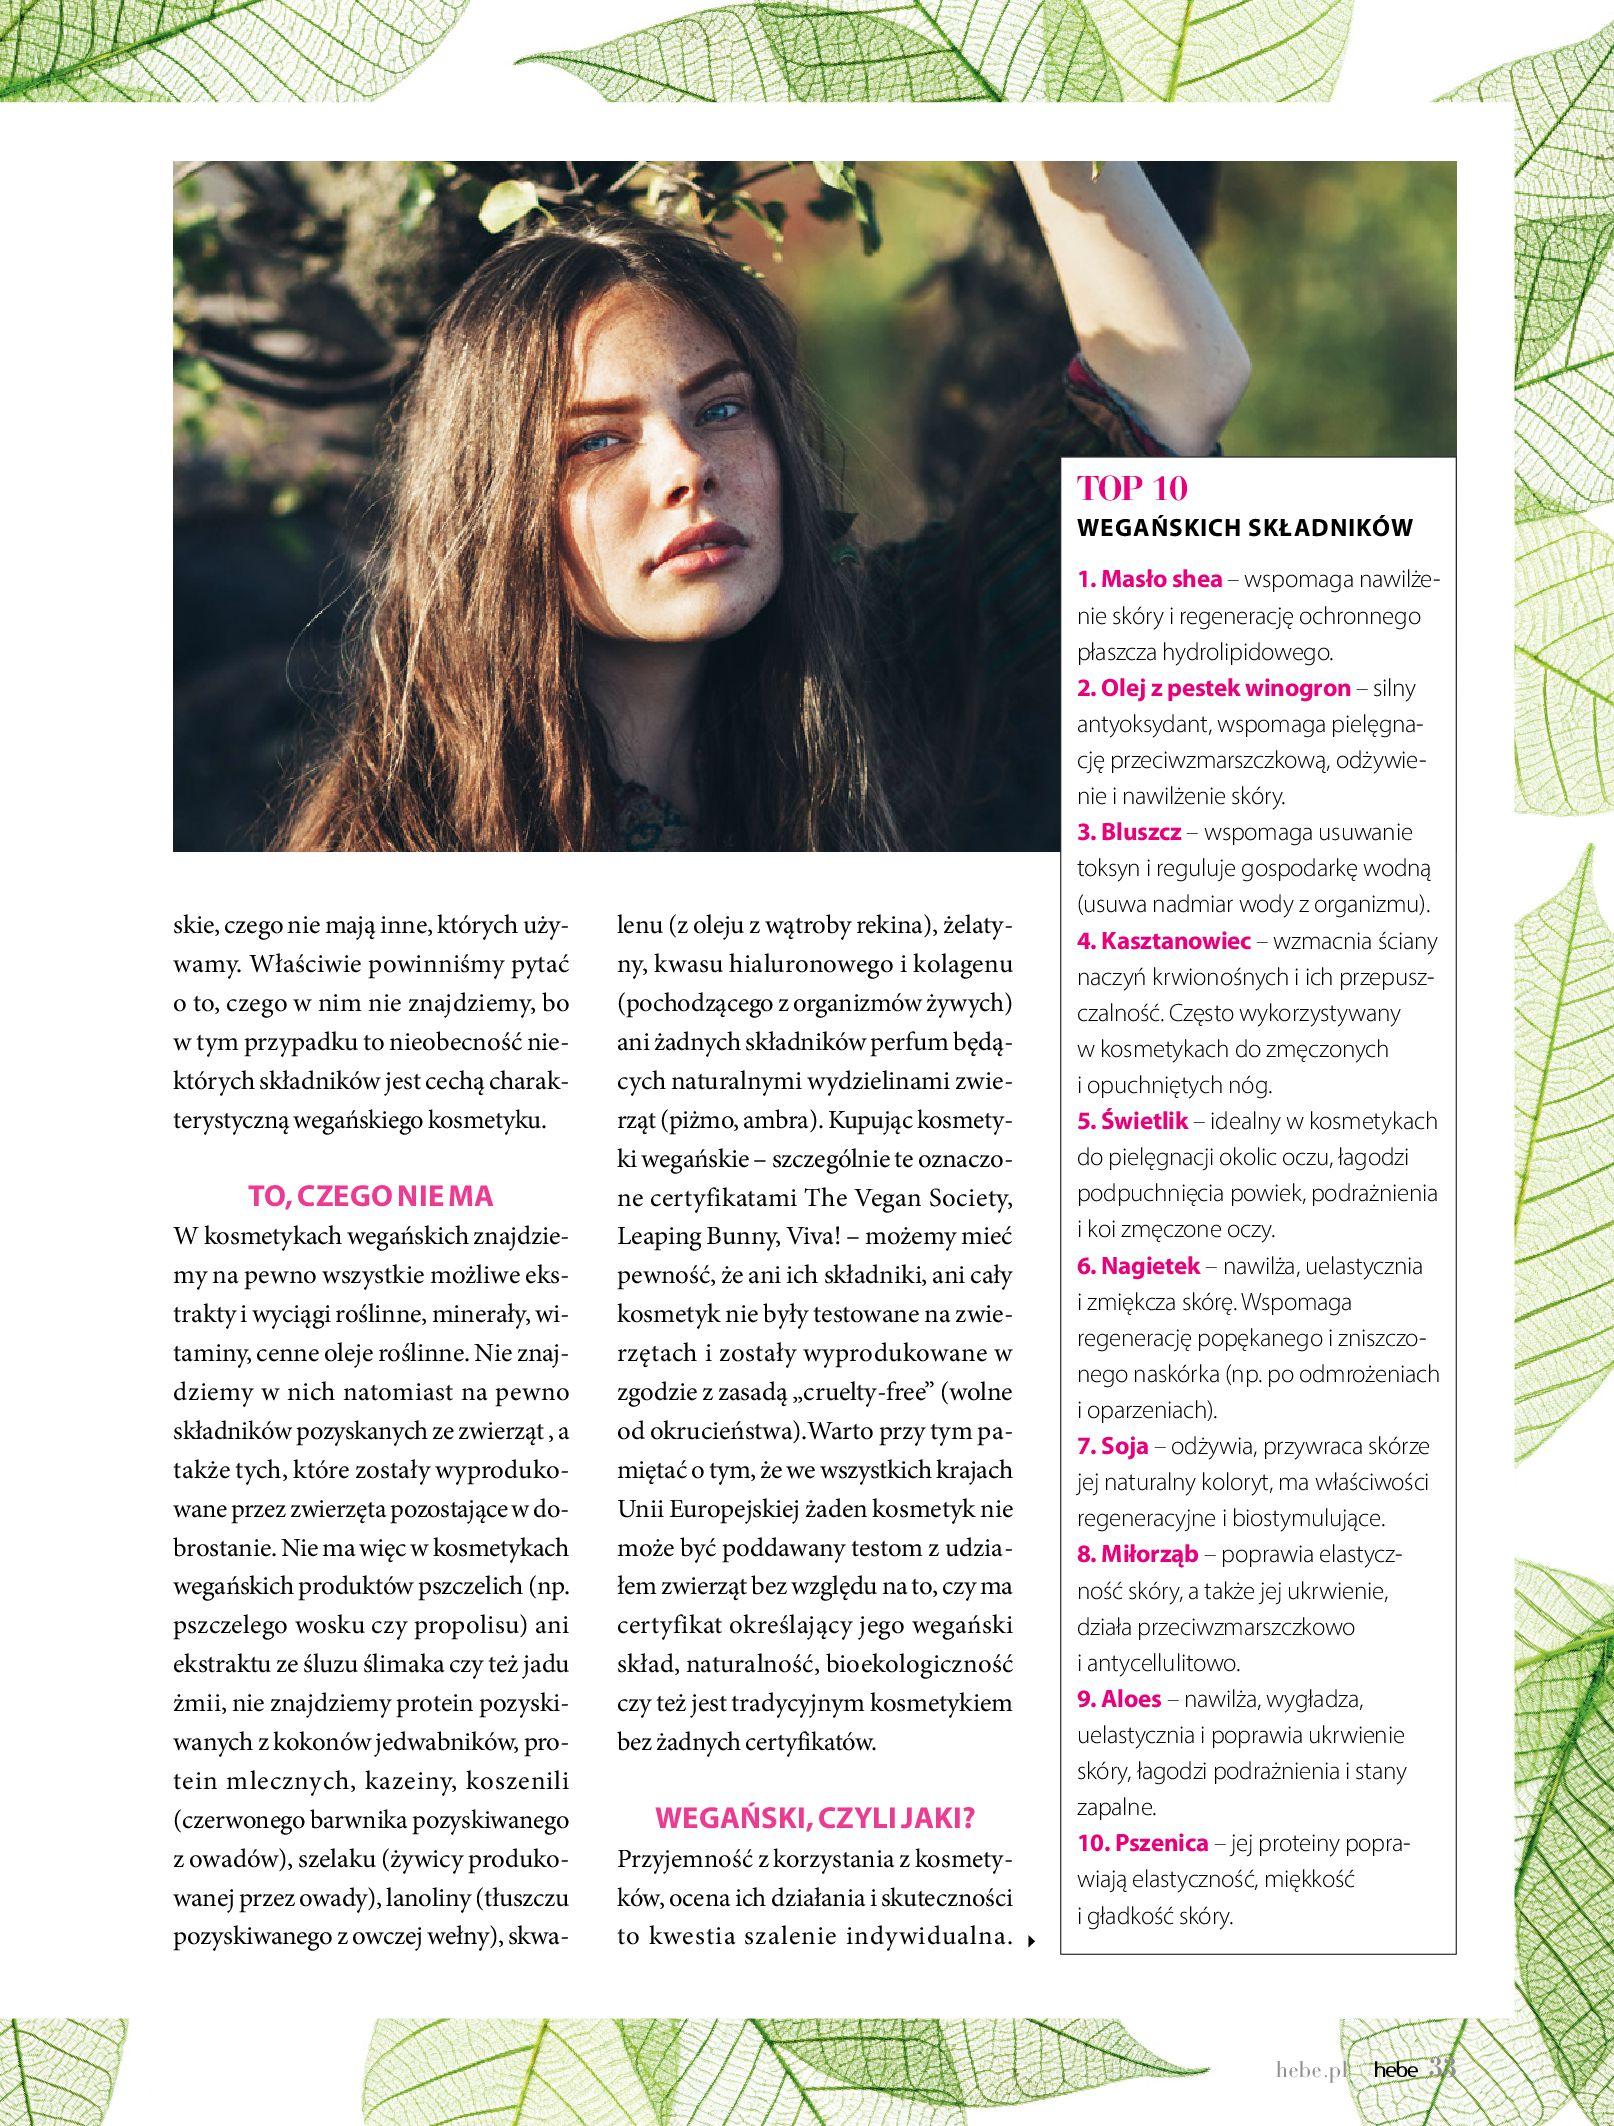 Gazetka hebe - Magazyn Hebe-30.06.2020-31.08.2020-page-33